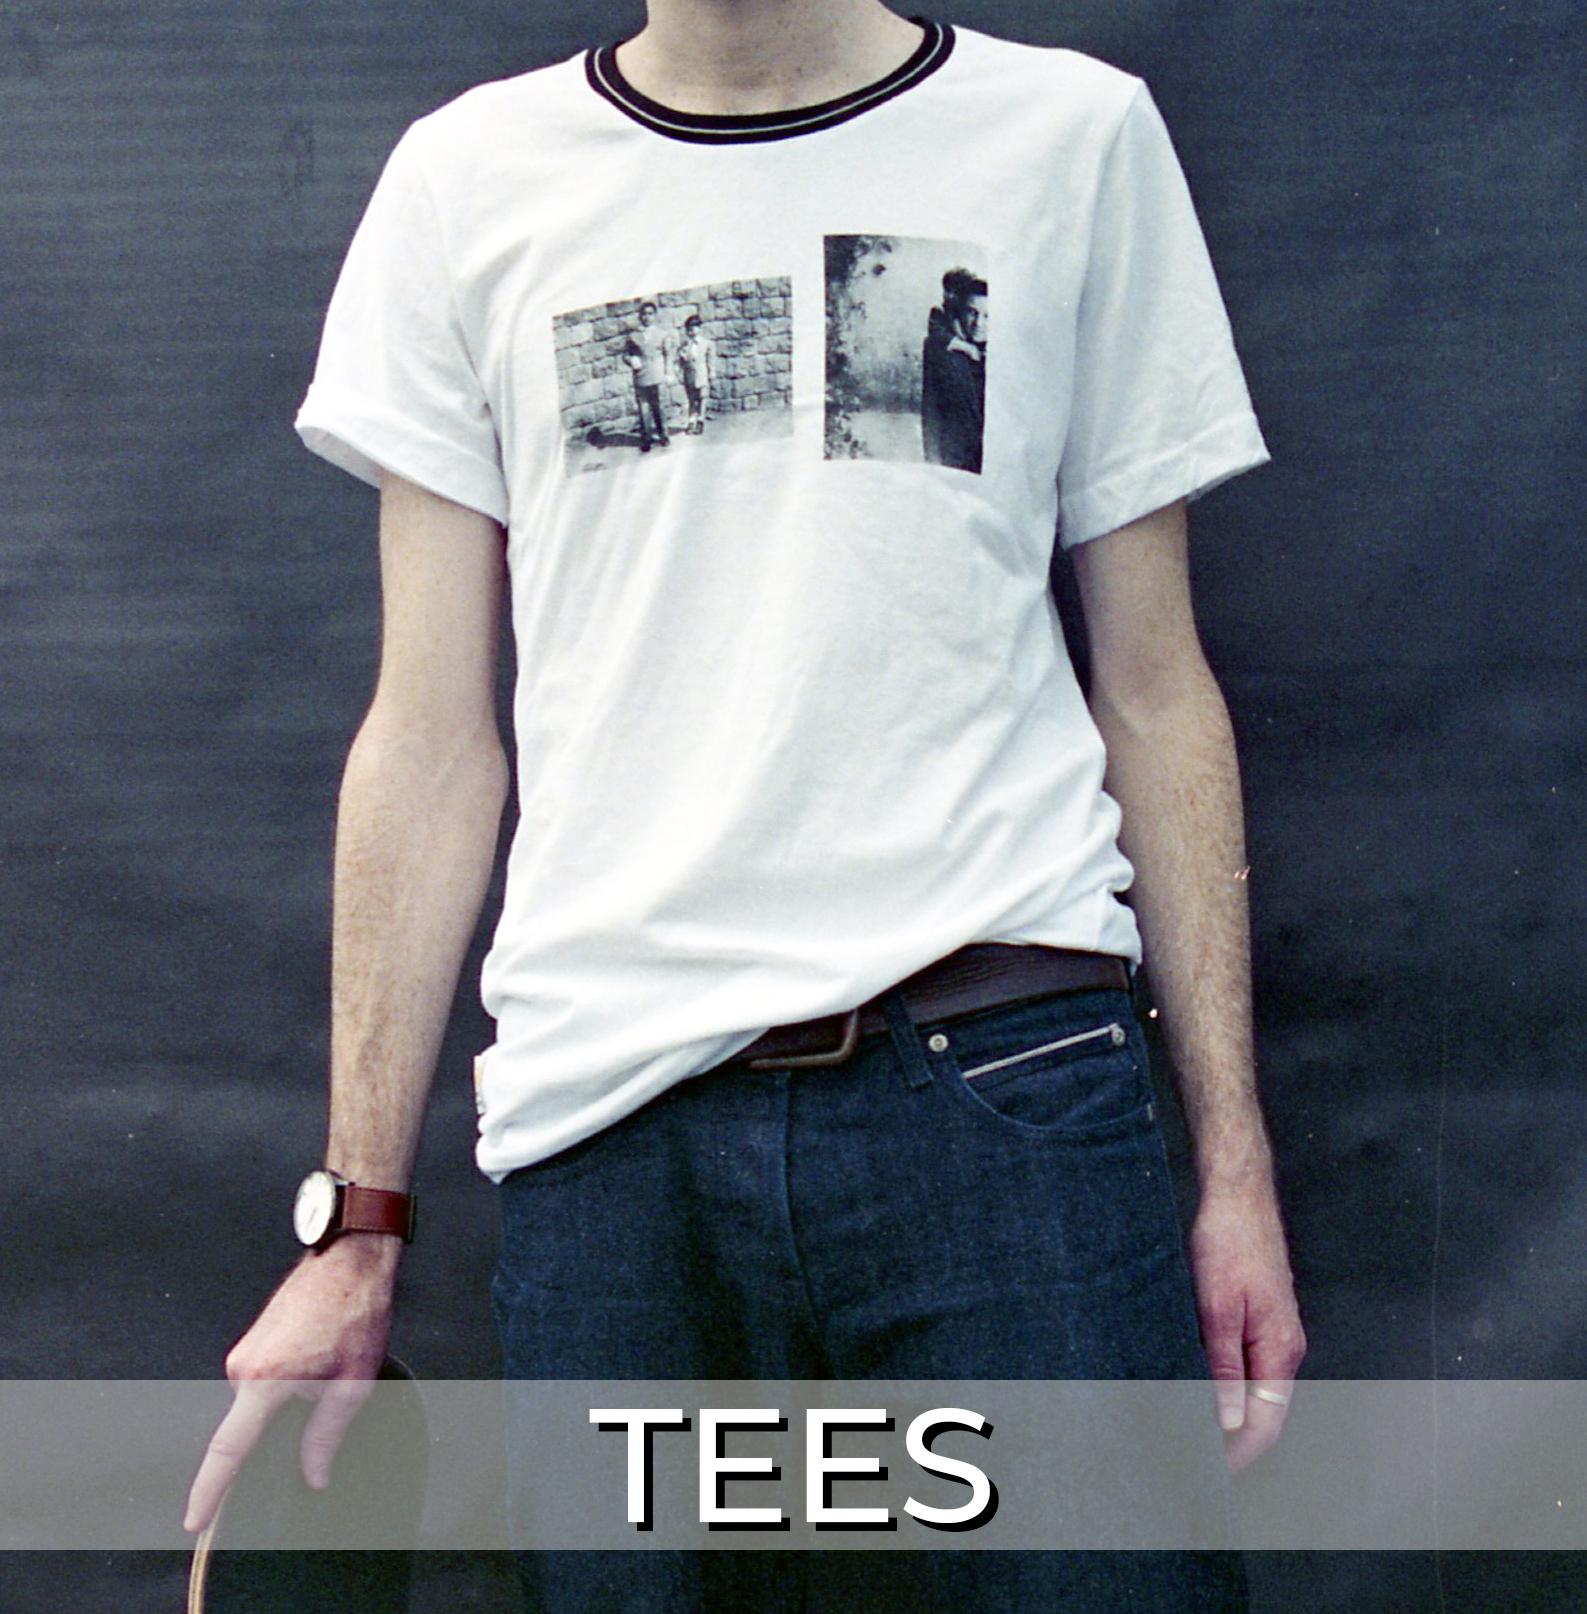 tees_image_website.jpg